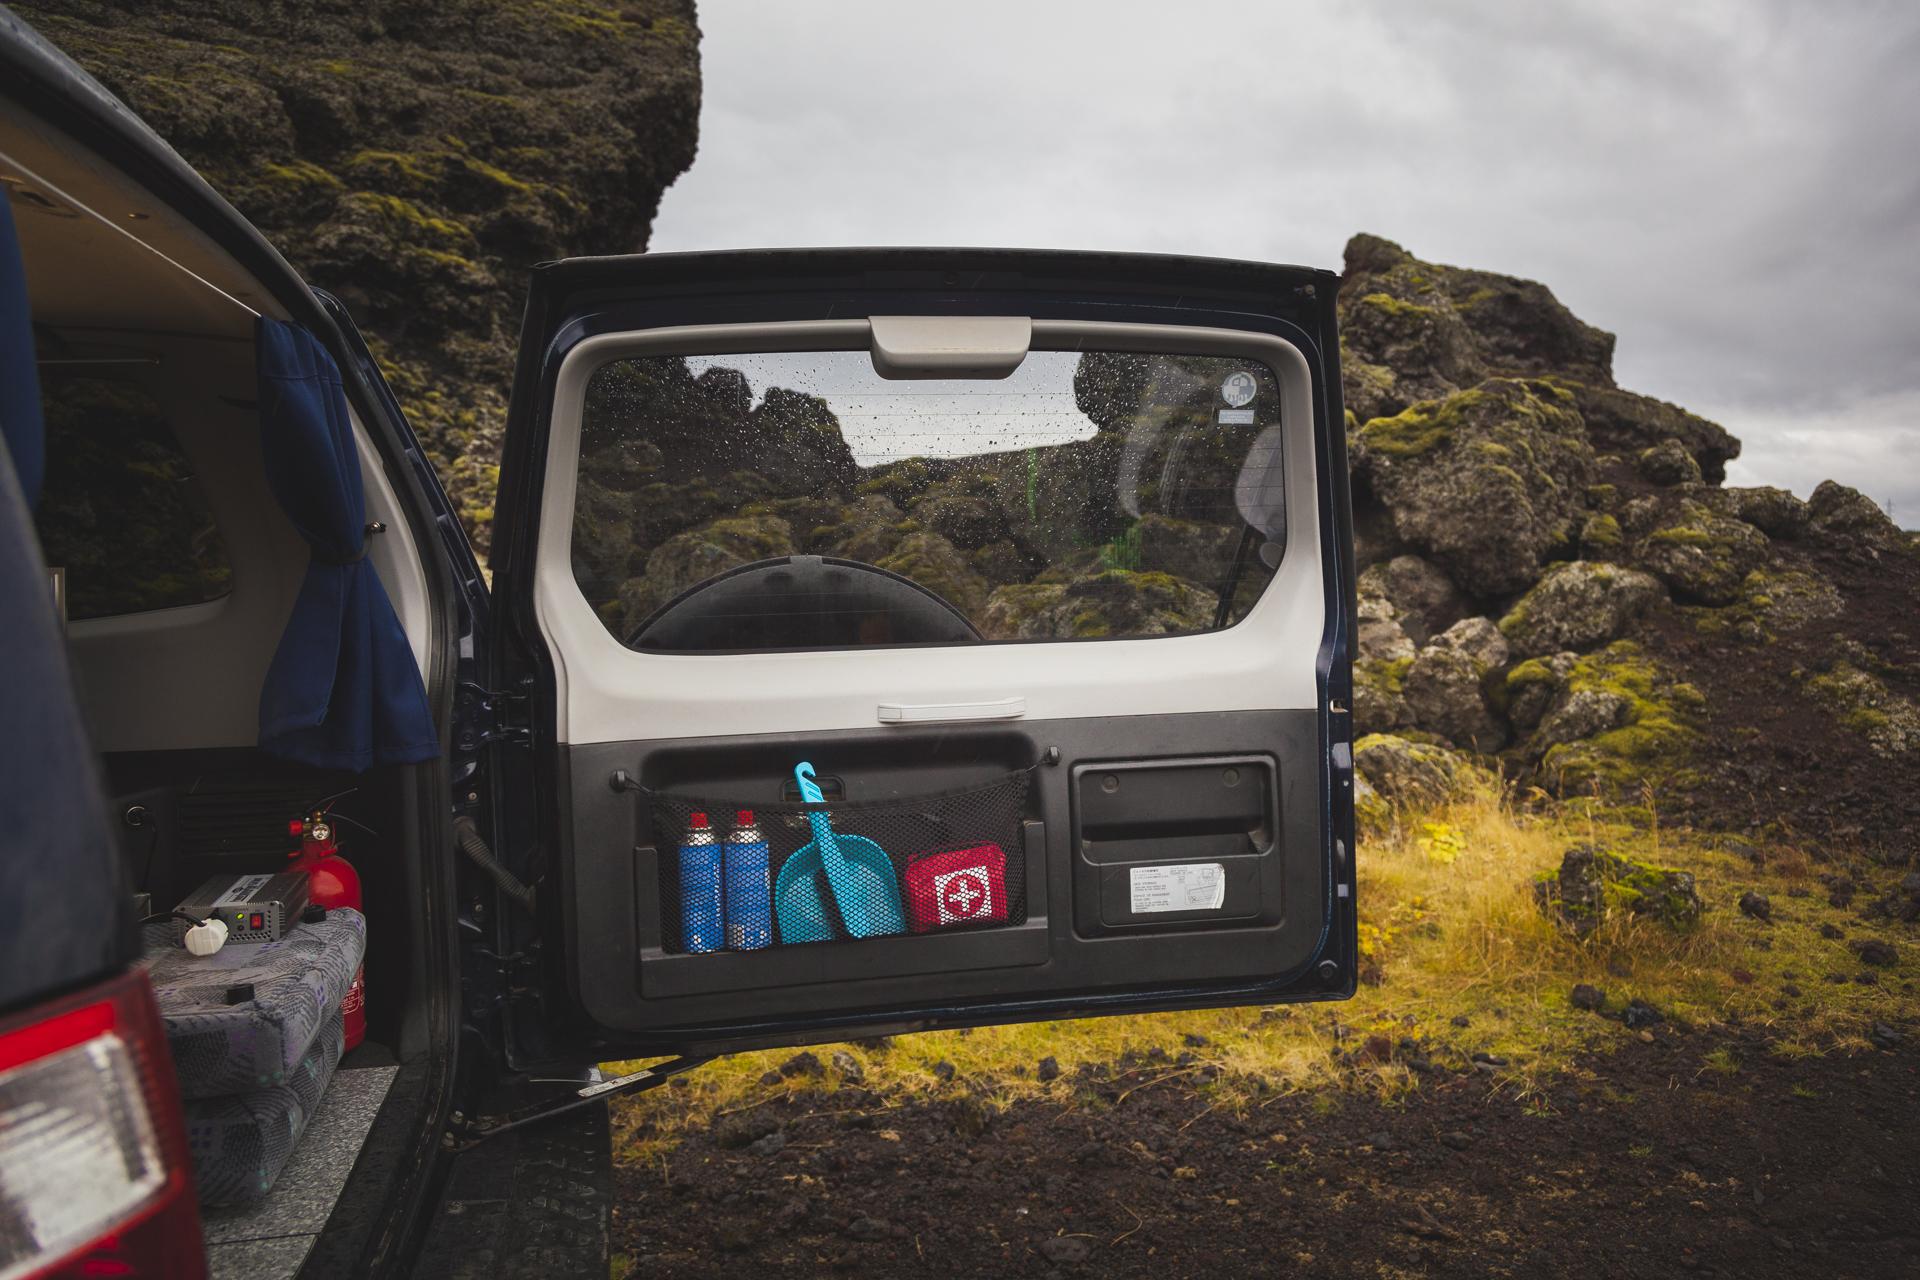 Camper Iceland - Campervan Iceland